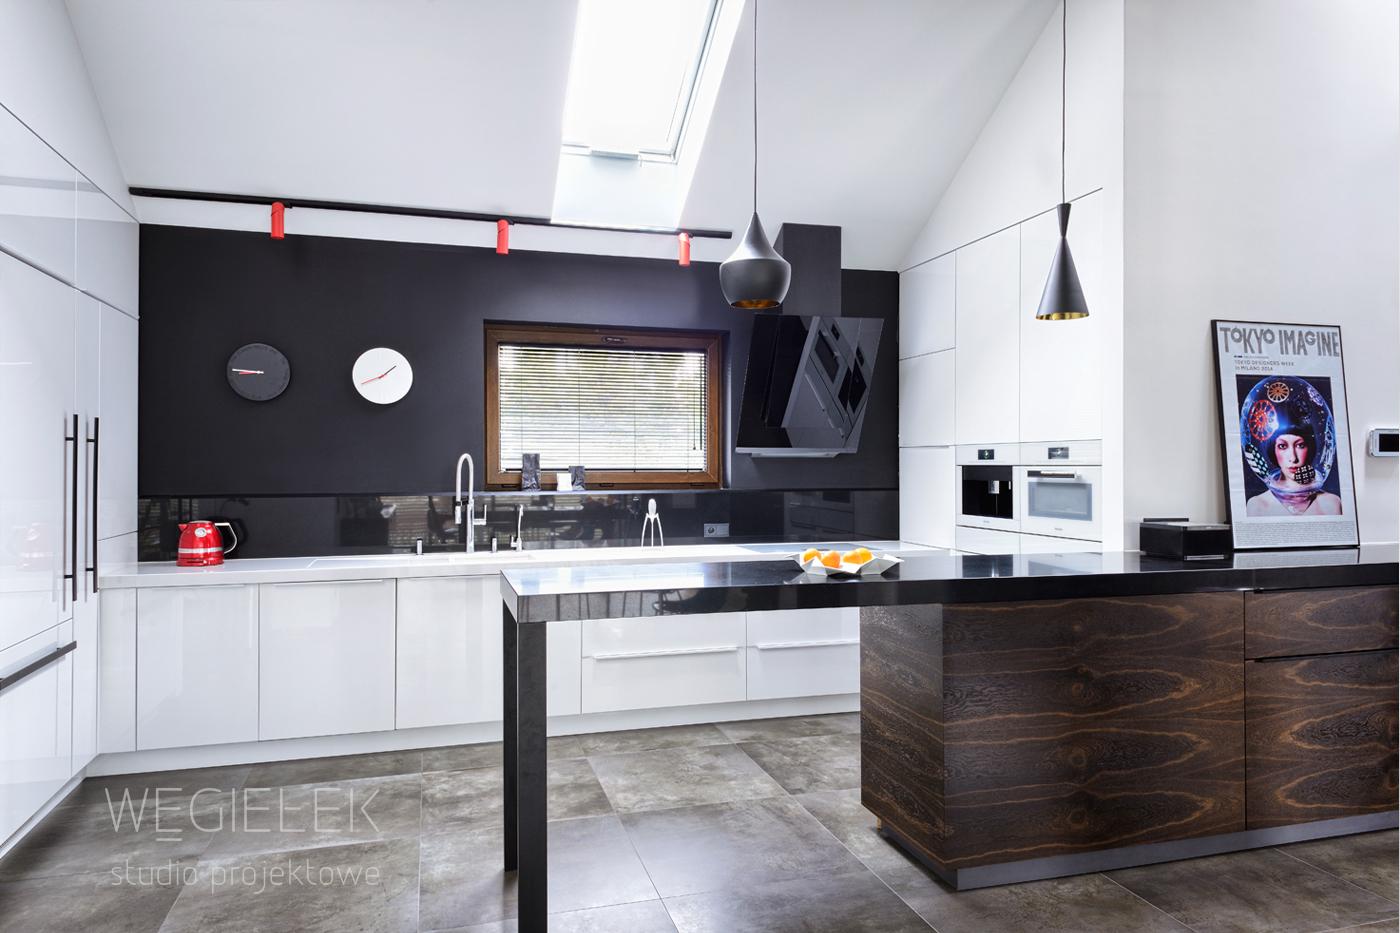 05 bialo czarna kuchnia nowoczesna  Węgiełek – Studio   -> Kuchnia City Czarna